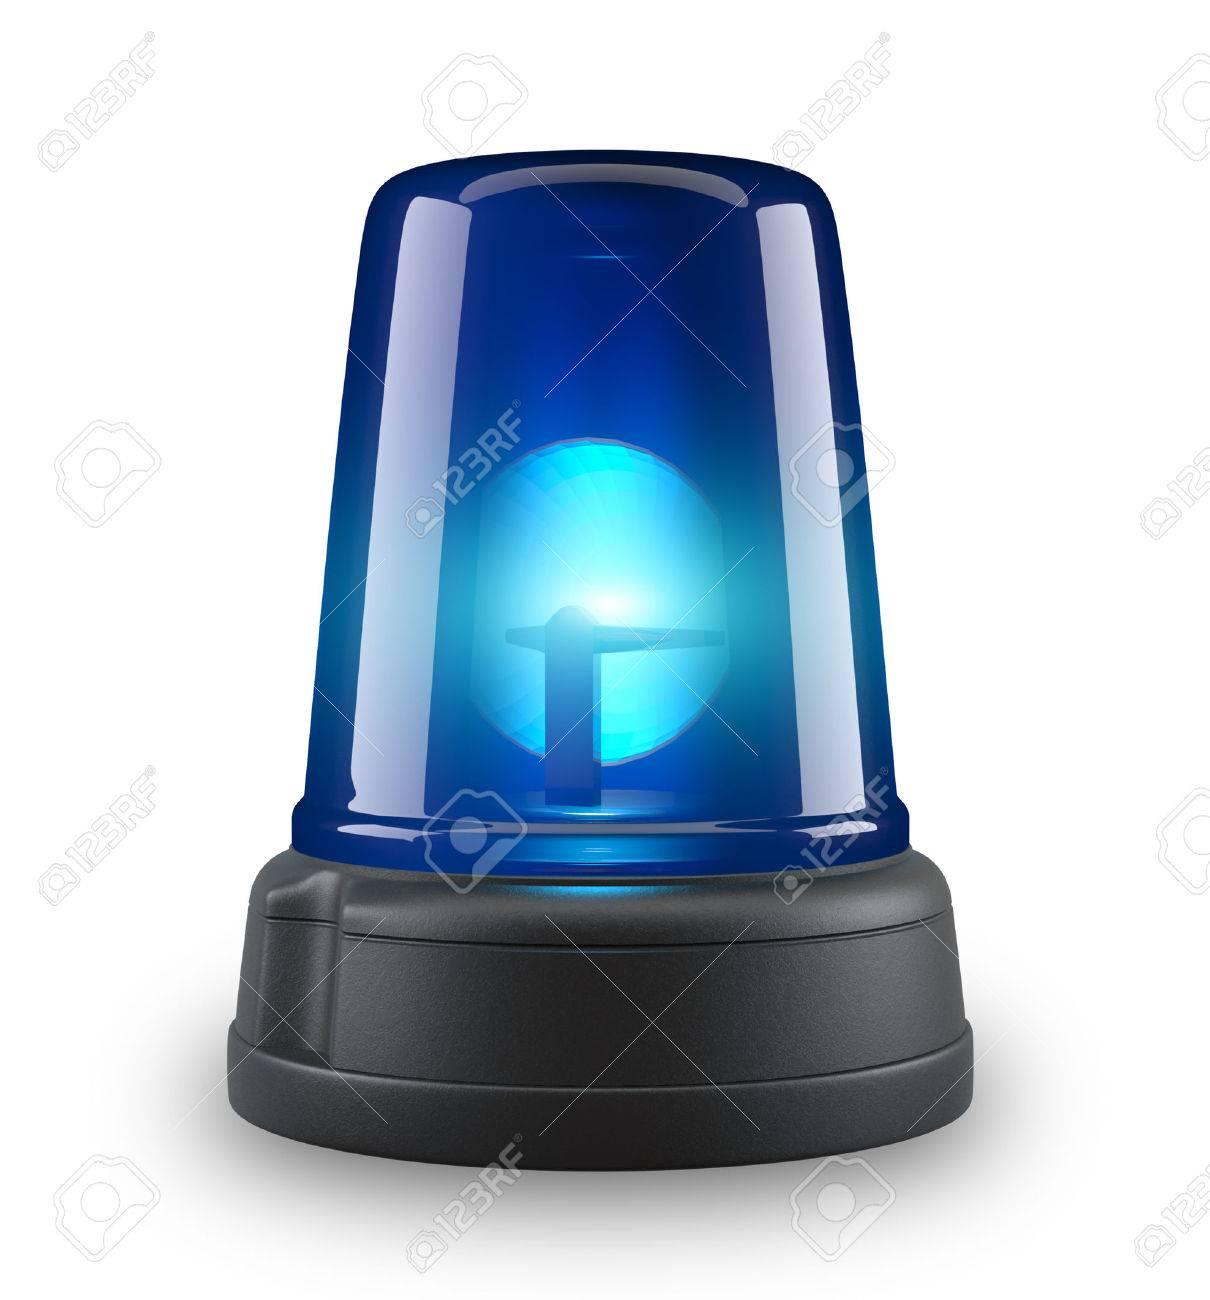 Blue siren - 3d illustration on white background - 25888427